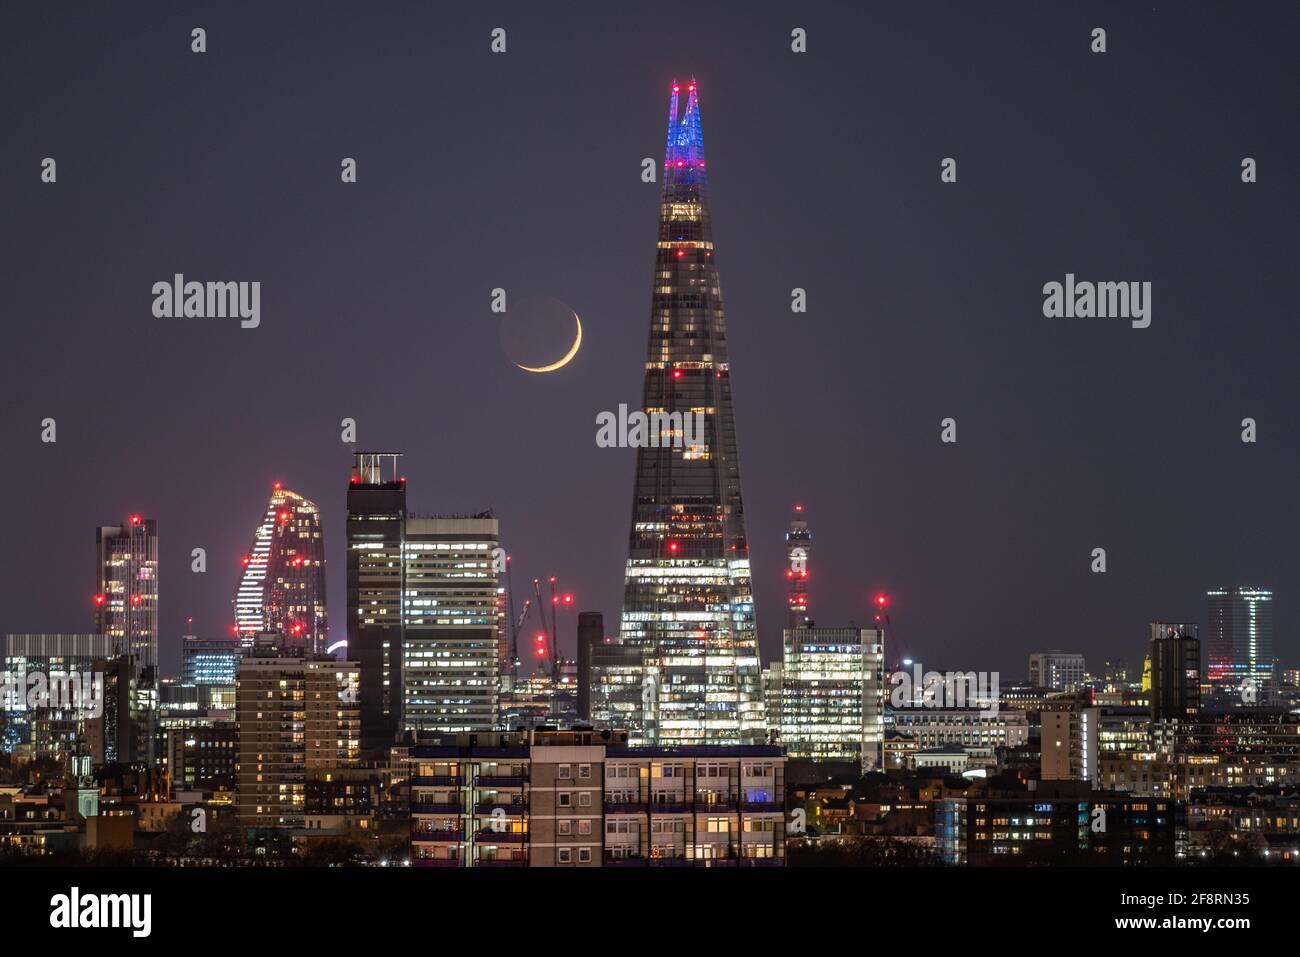 Londres, Reino Unido. 14th de abril de 2021. Clima en el Reino Unido: Una luna Waxing Crescent se pone en las últimas horas del miércoles pasando por el edificio del rascacielos Shard siguiendo una dirección noroeste. Crédito: Guy Corbishley/Alamy Live News Foto de stock